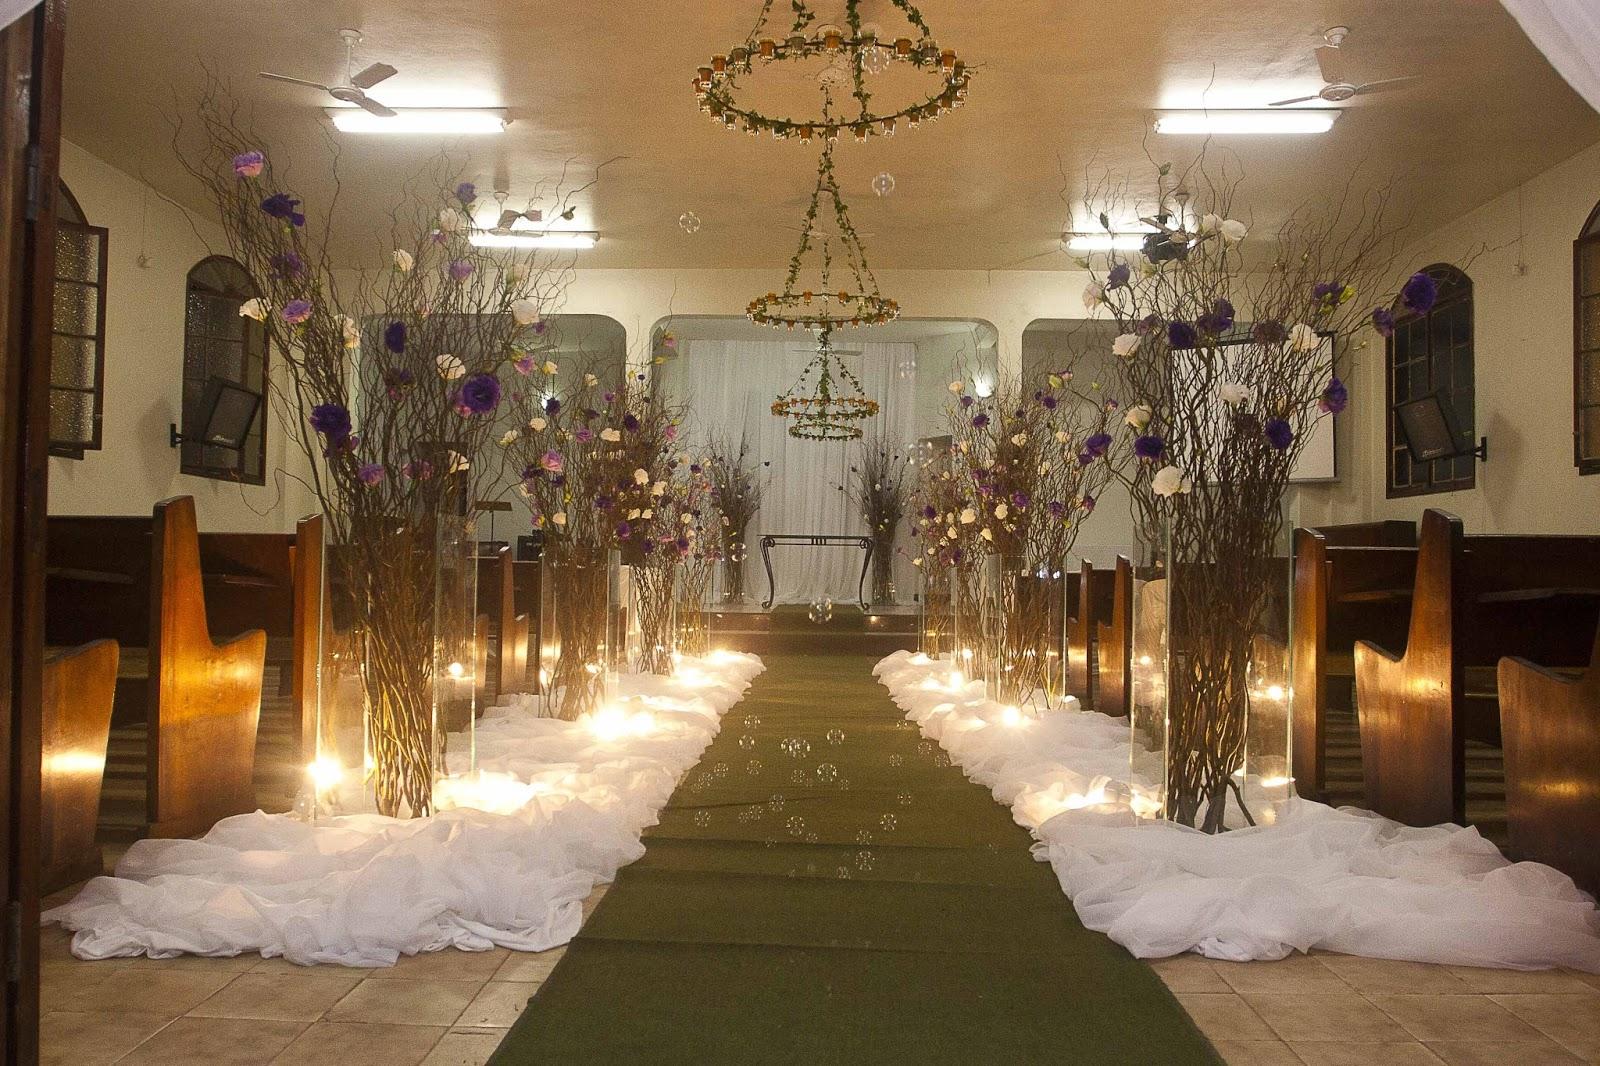 Sal o de festa em joinville decorador de igreja 47 30264086 - Decorador de fotos ...